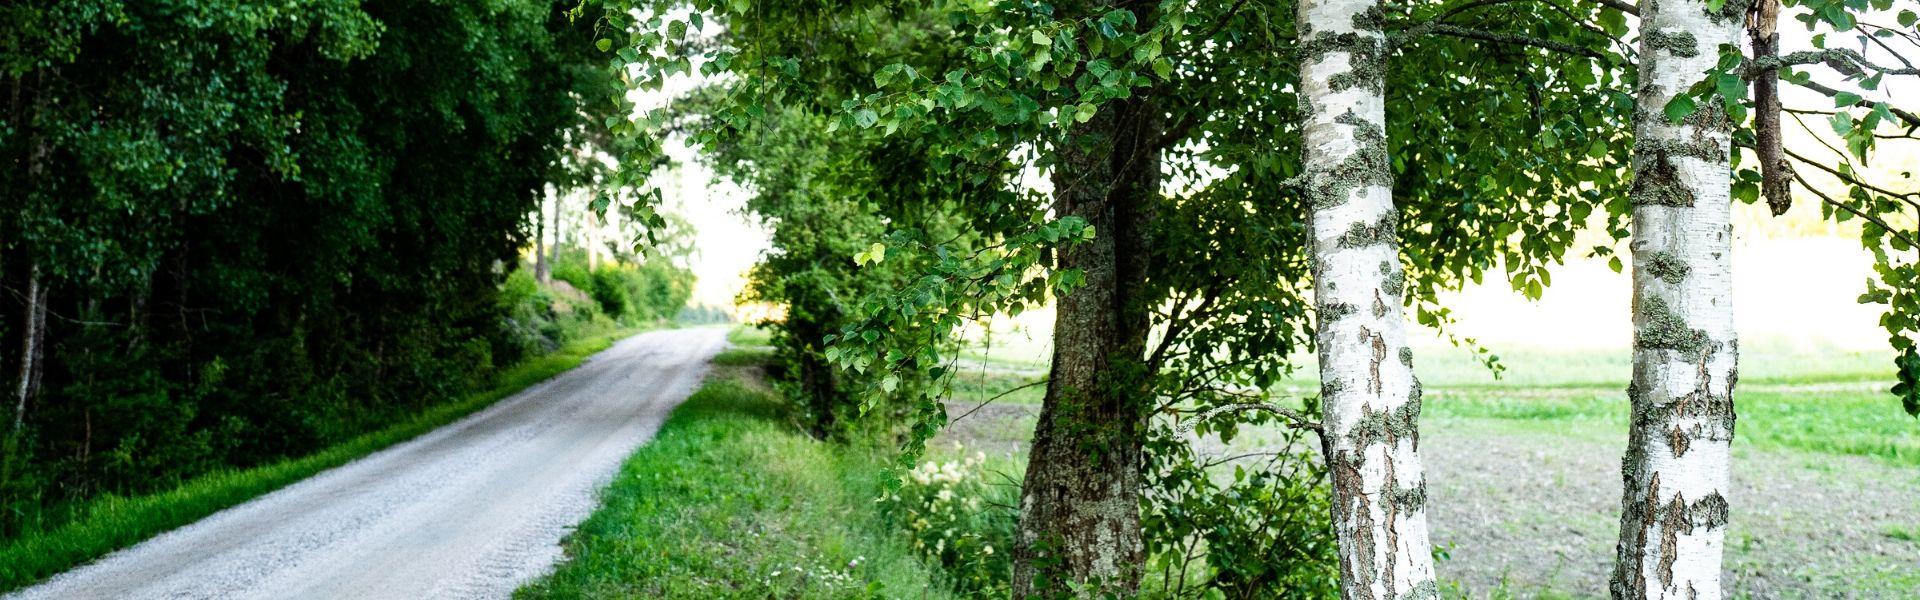 Puud ja tee, kased esipilaanil